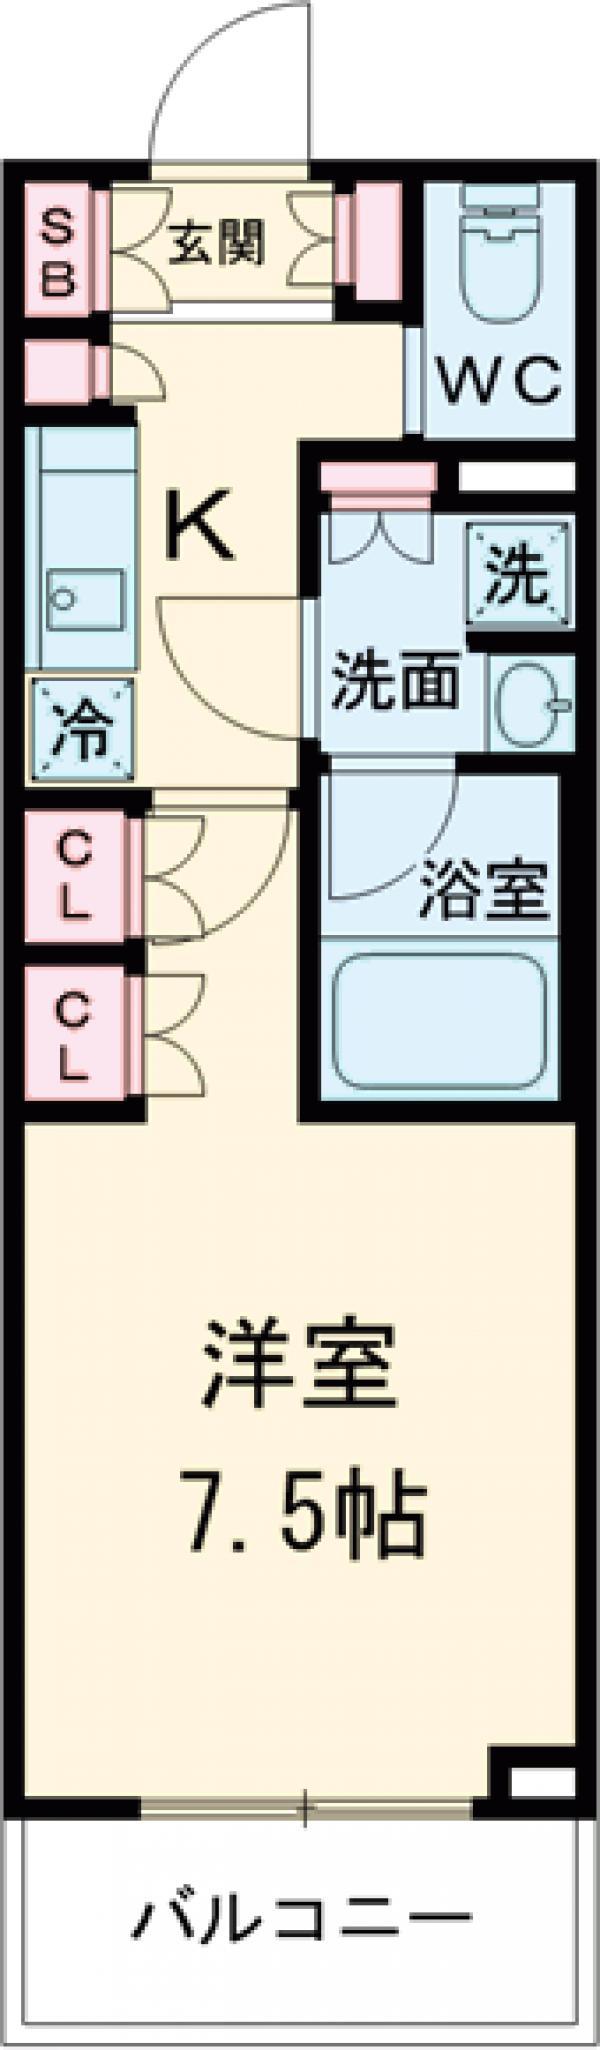 ブライズ世田谷桜・307号室の間取り